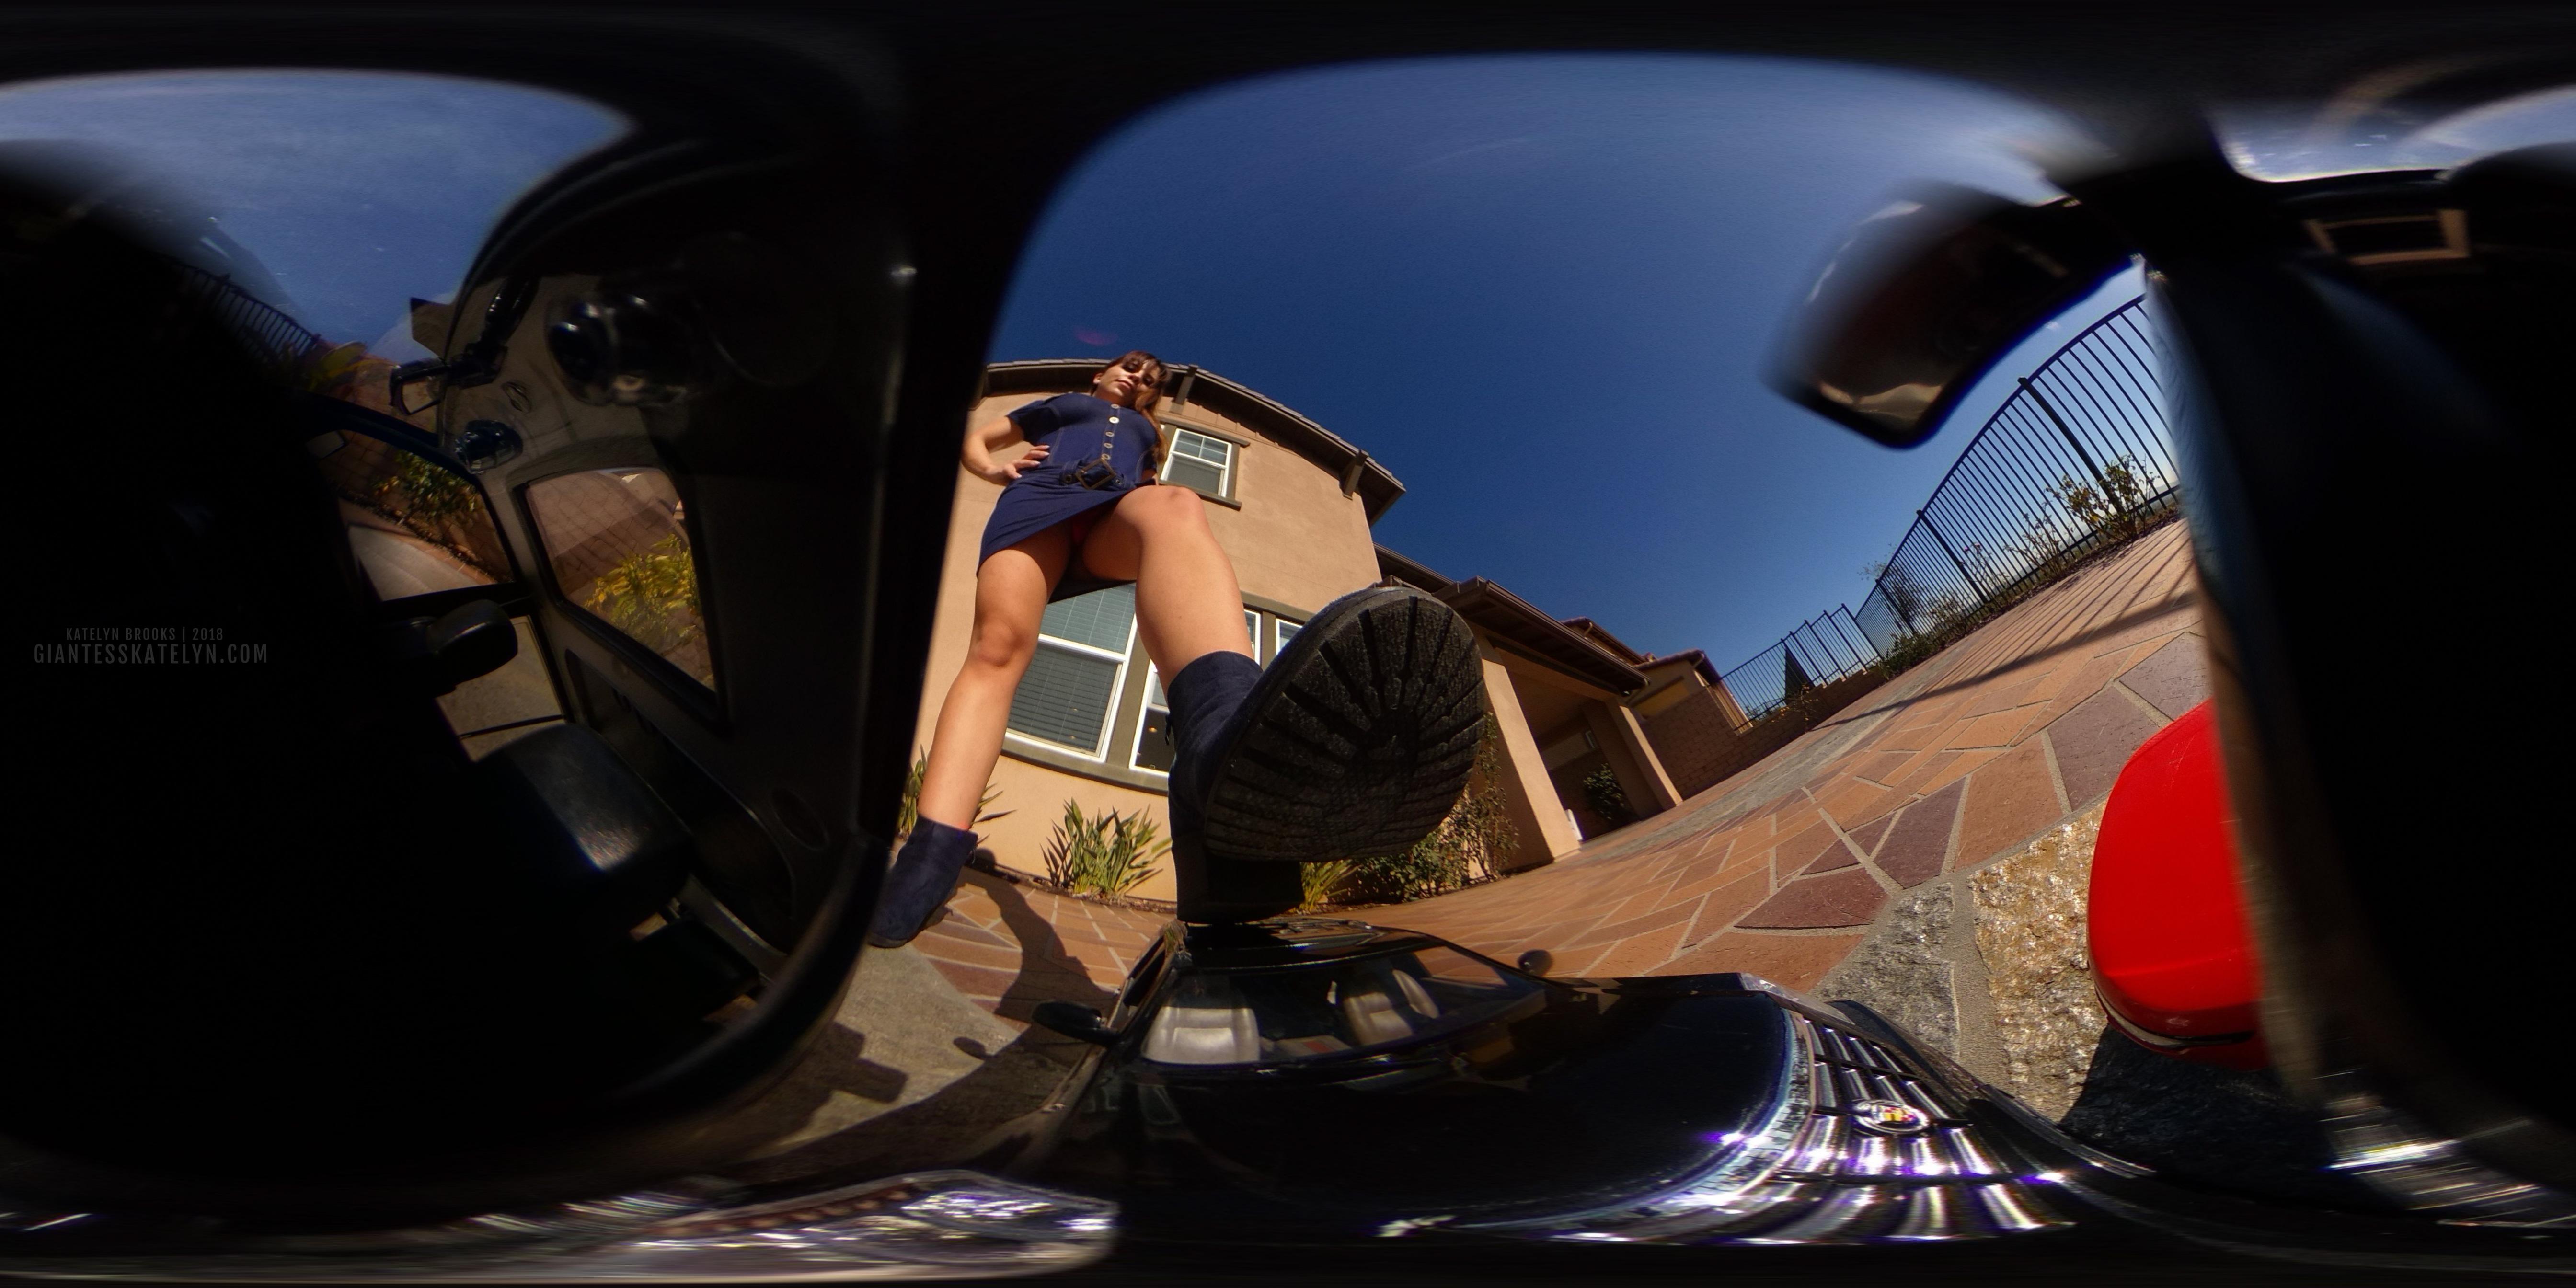 360-4k-vr-shrunken-man-pov-inside-car-08